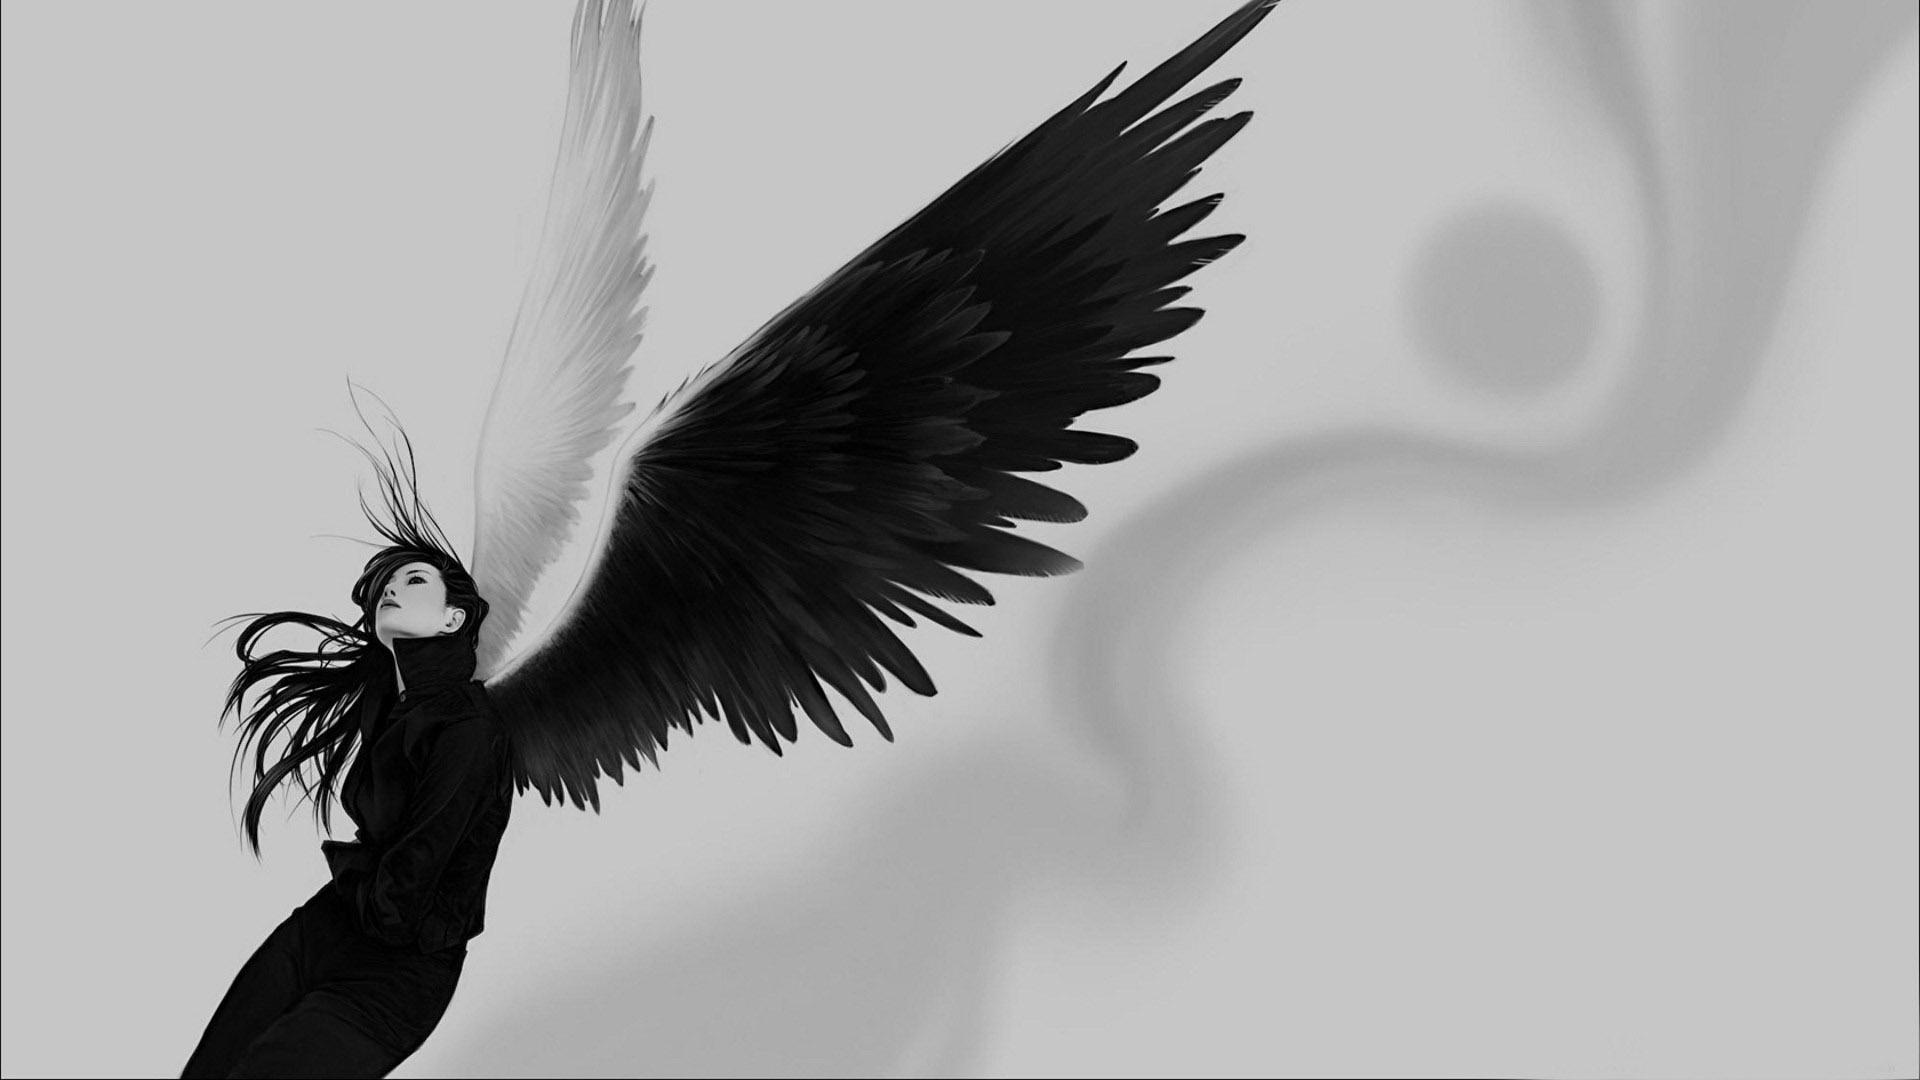 Download Wallpaper 1920x1080 Angel Wings White Black Girl Full